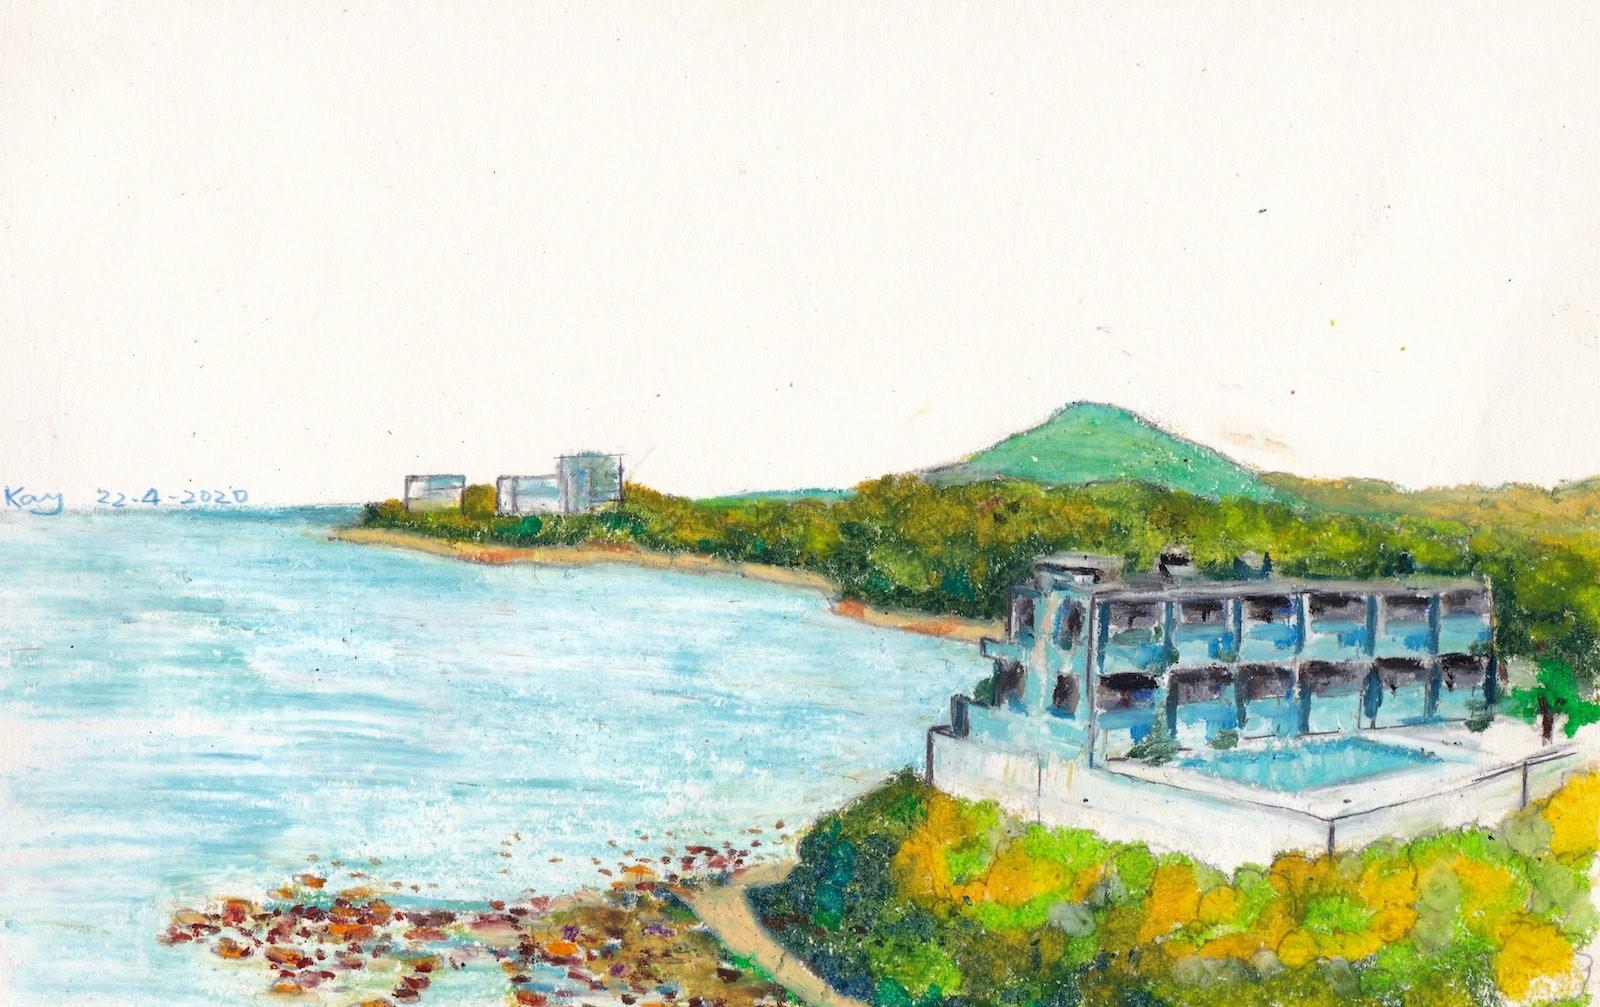 《香港島南岸 II》油粉彩 29cm x 18.5cm 22-4-2020